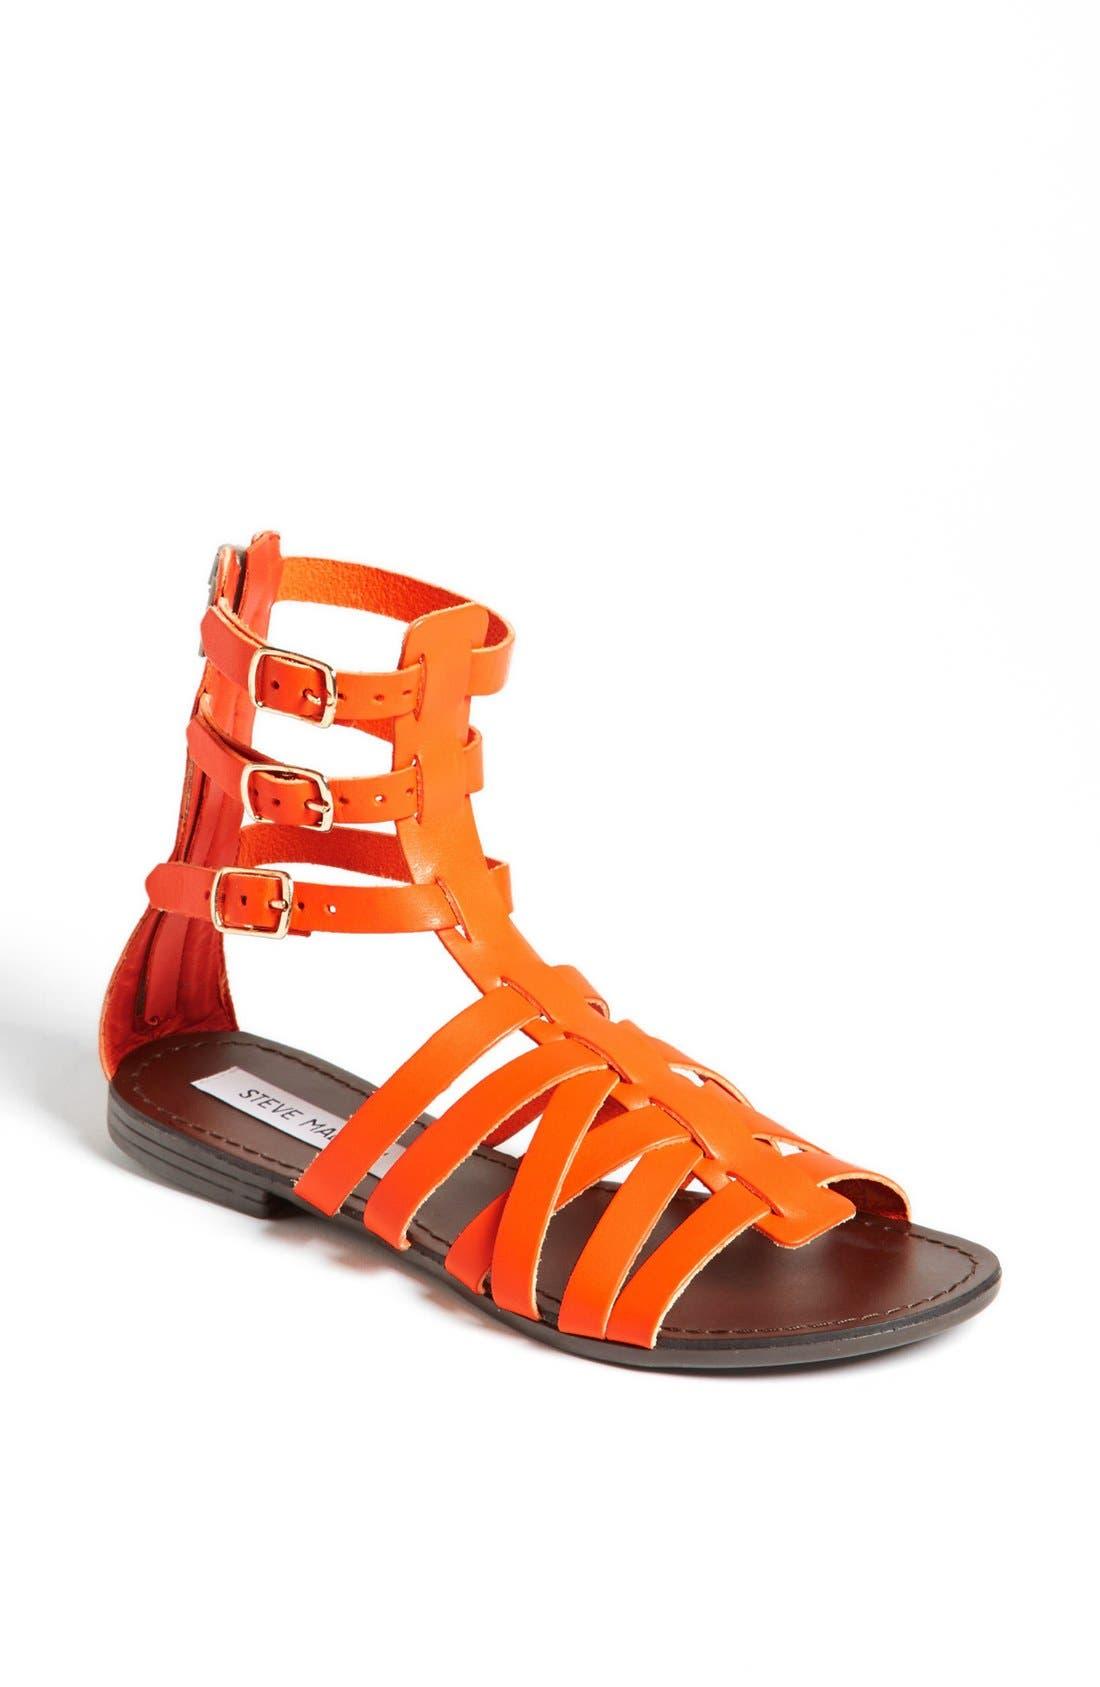 'Plato' Sandal,                             Main thumbnail 1, color,                             Orange